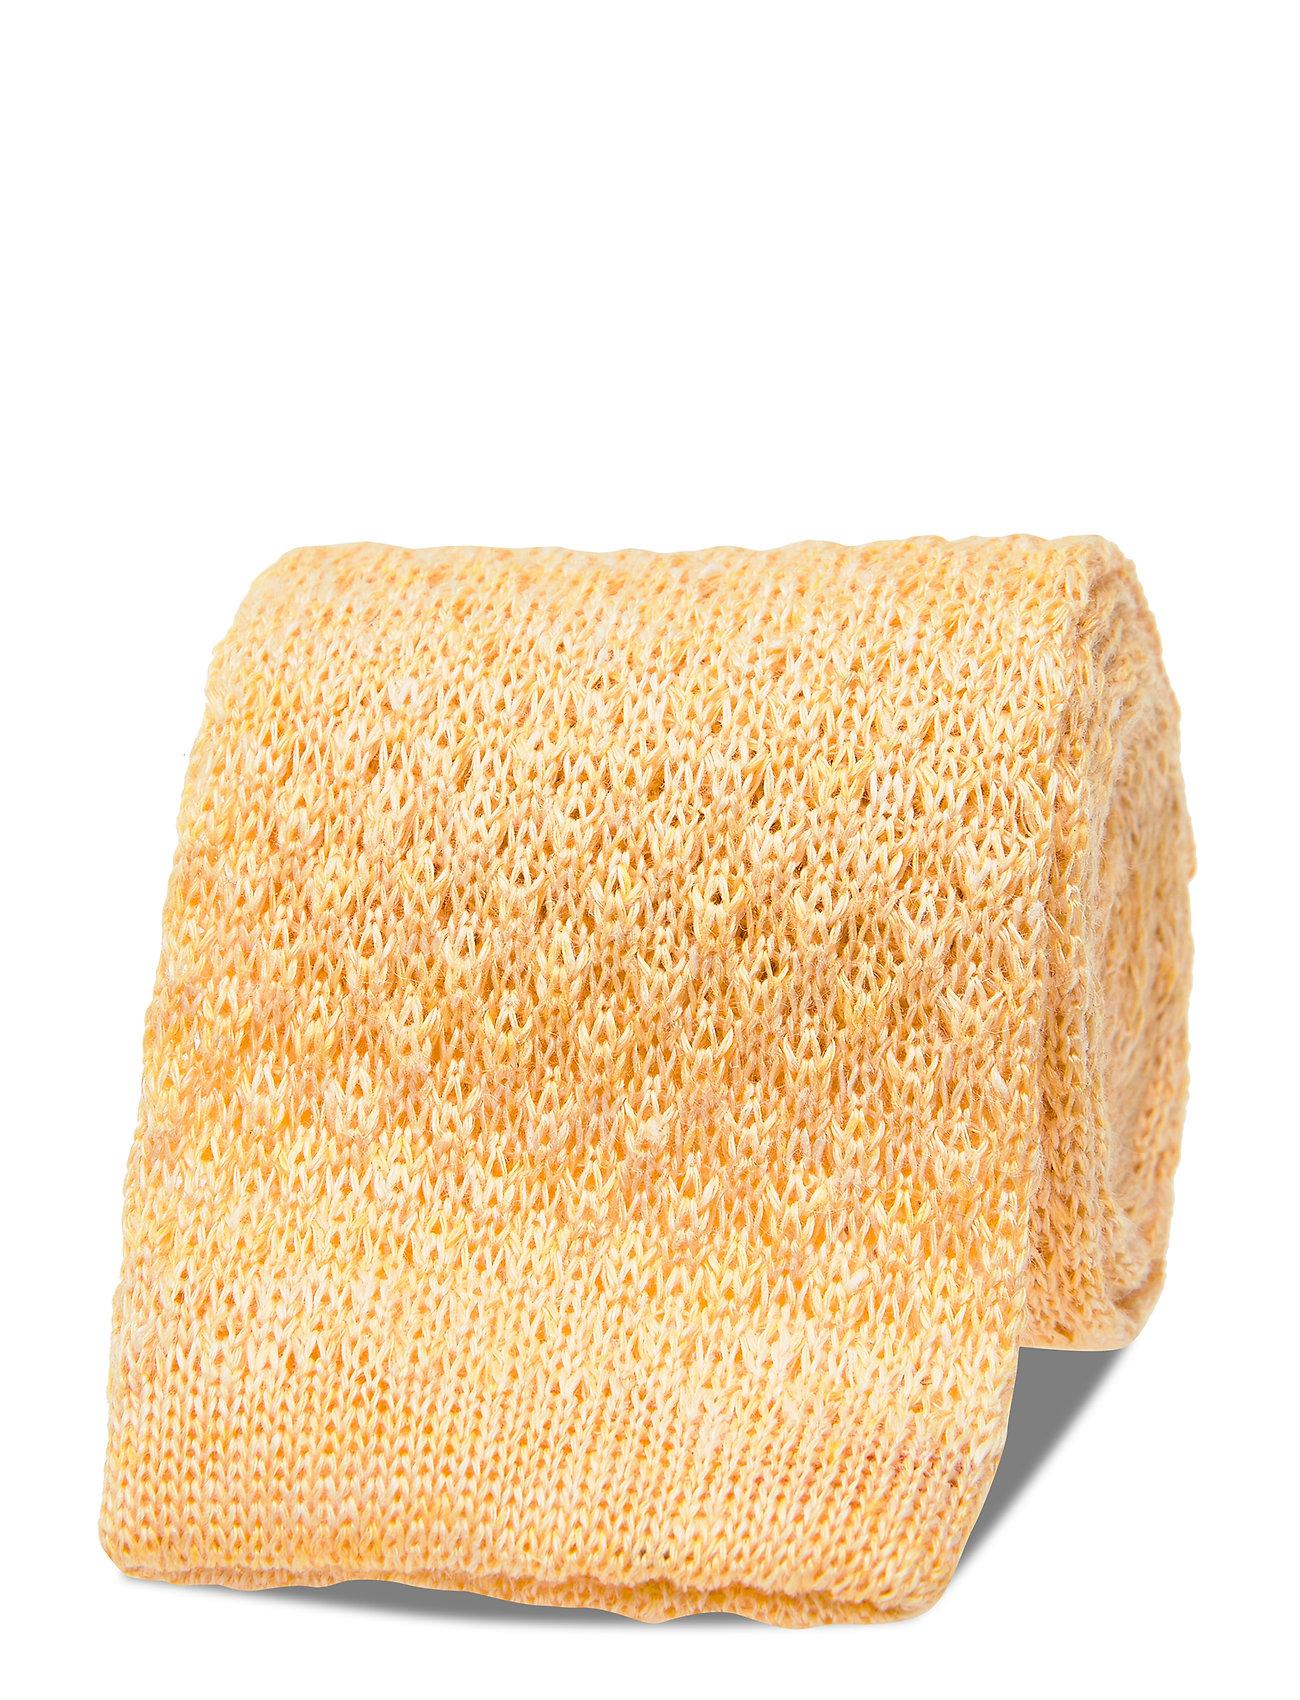 Image of Knitted Tie Slips Gul Amanda Christensen (3459525589)